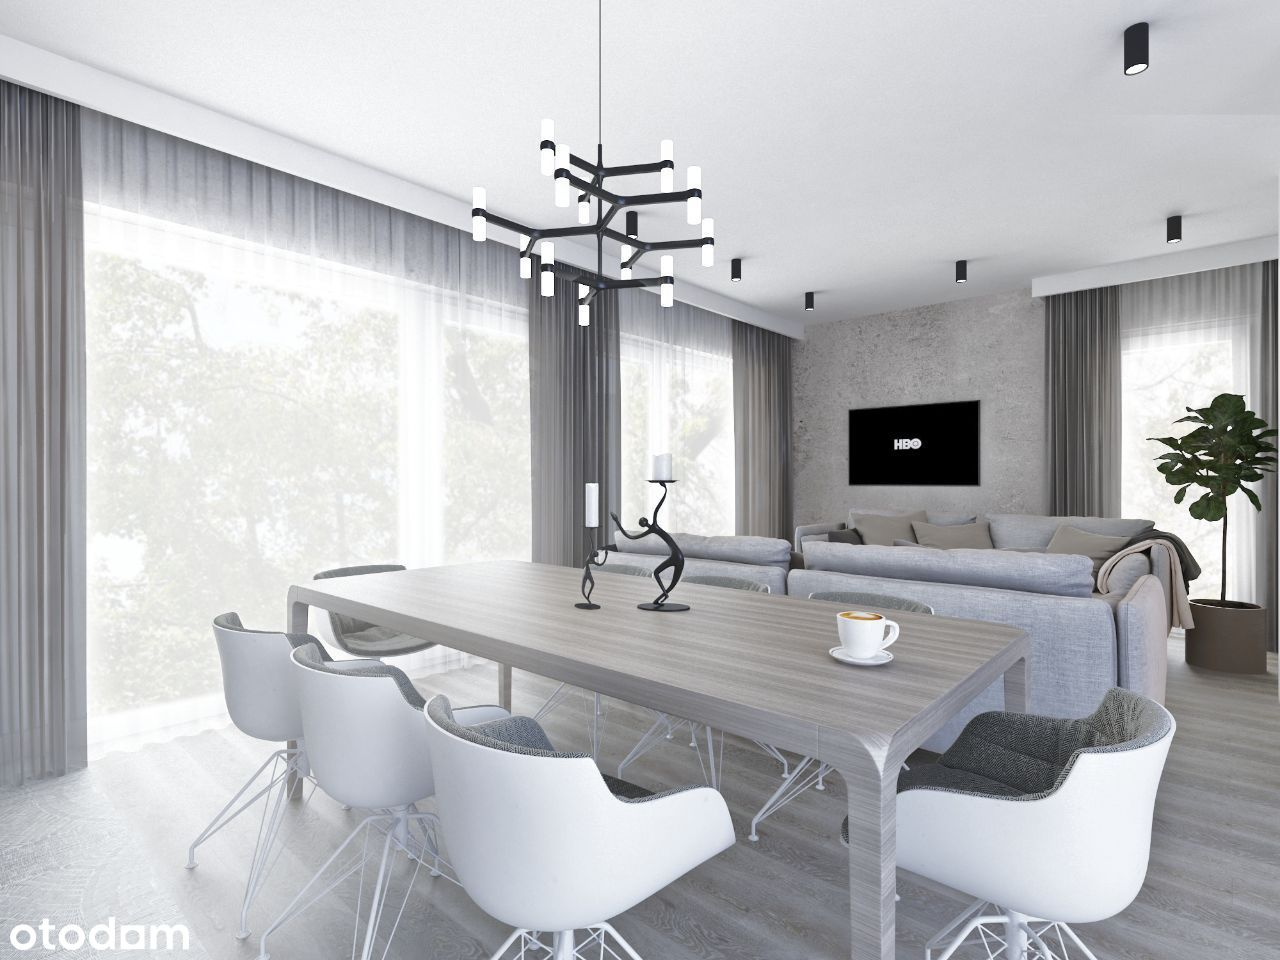 Apartament 2-pokojowy 53,53 m2 z balkonem